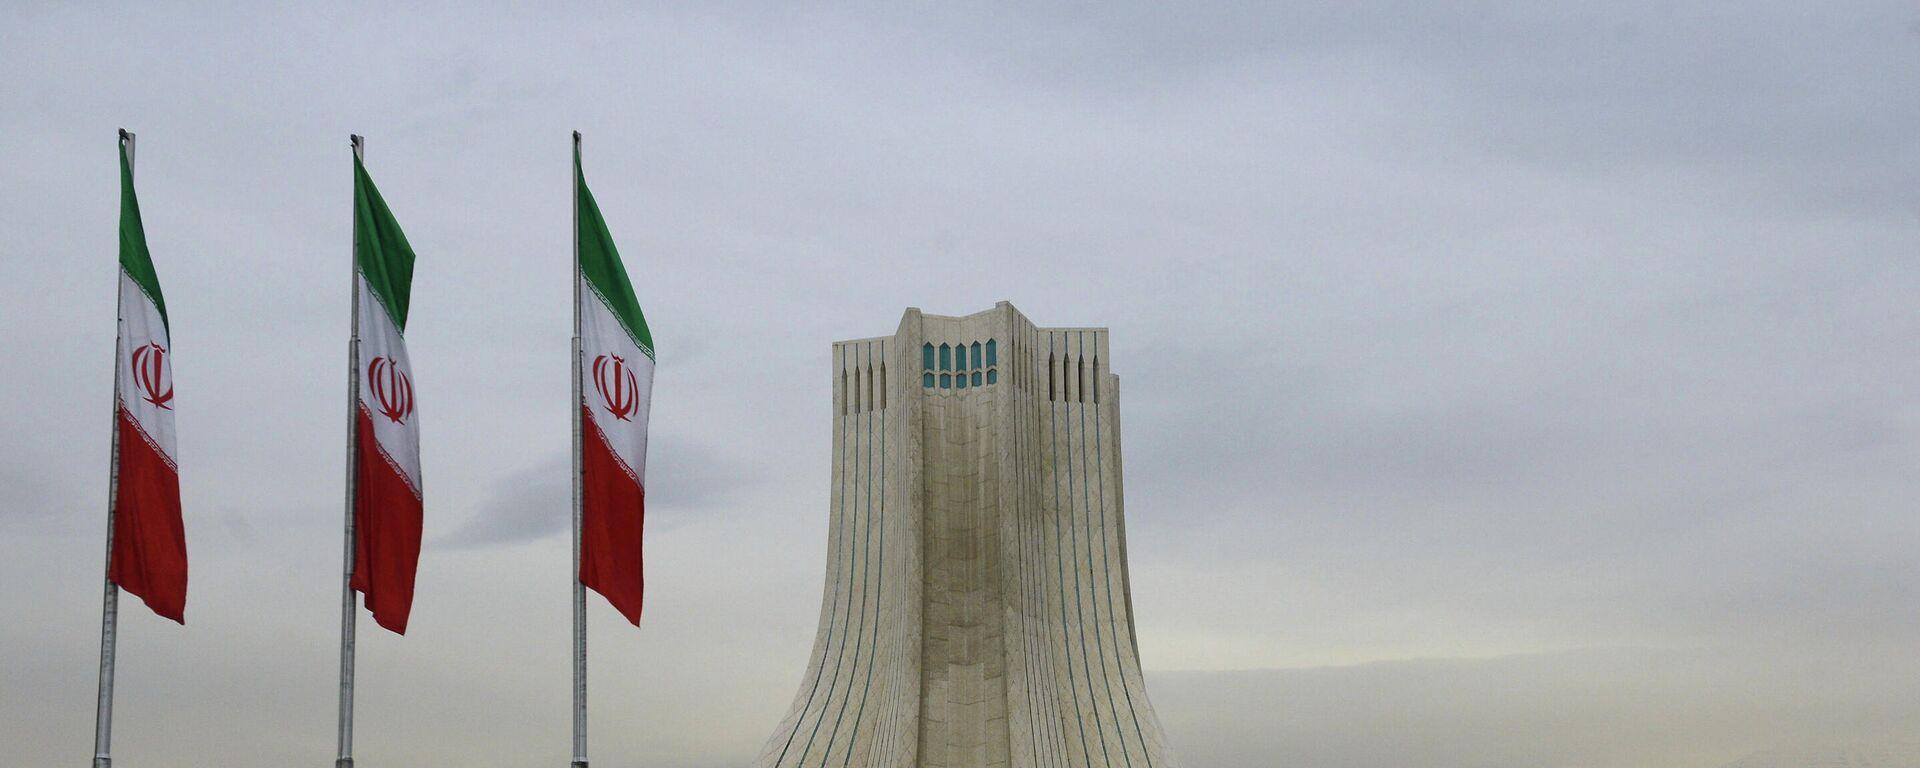 Wieża Azadi, zbudowana na placu o tej samej nazwie w Teheranie. - Sputnik Polska, 1920, 03.08.2021